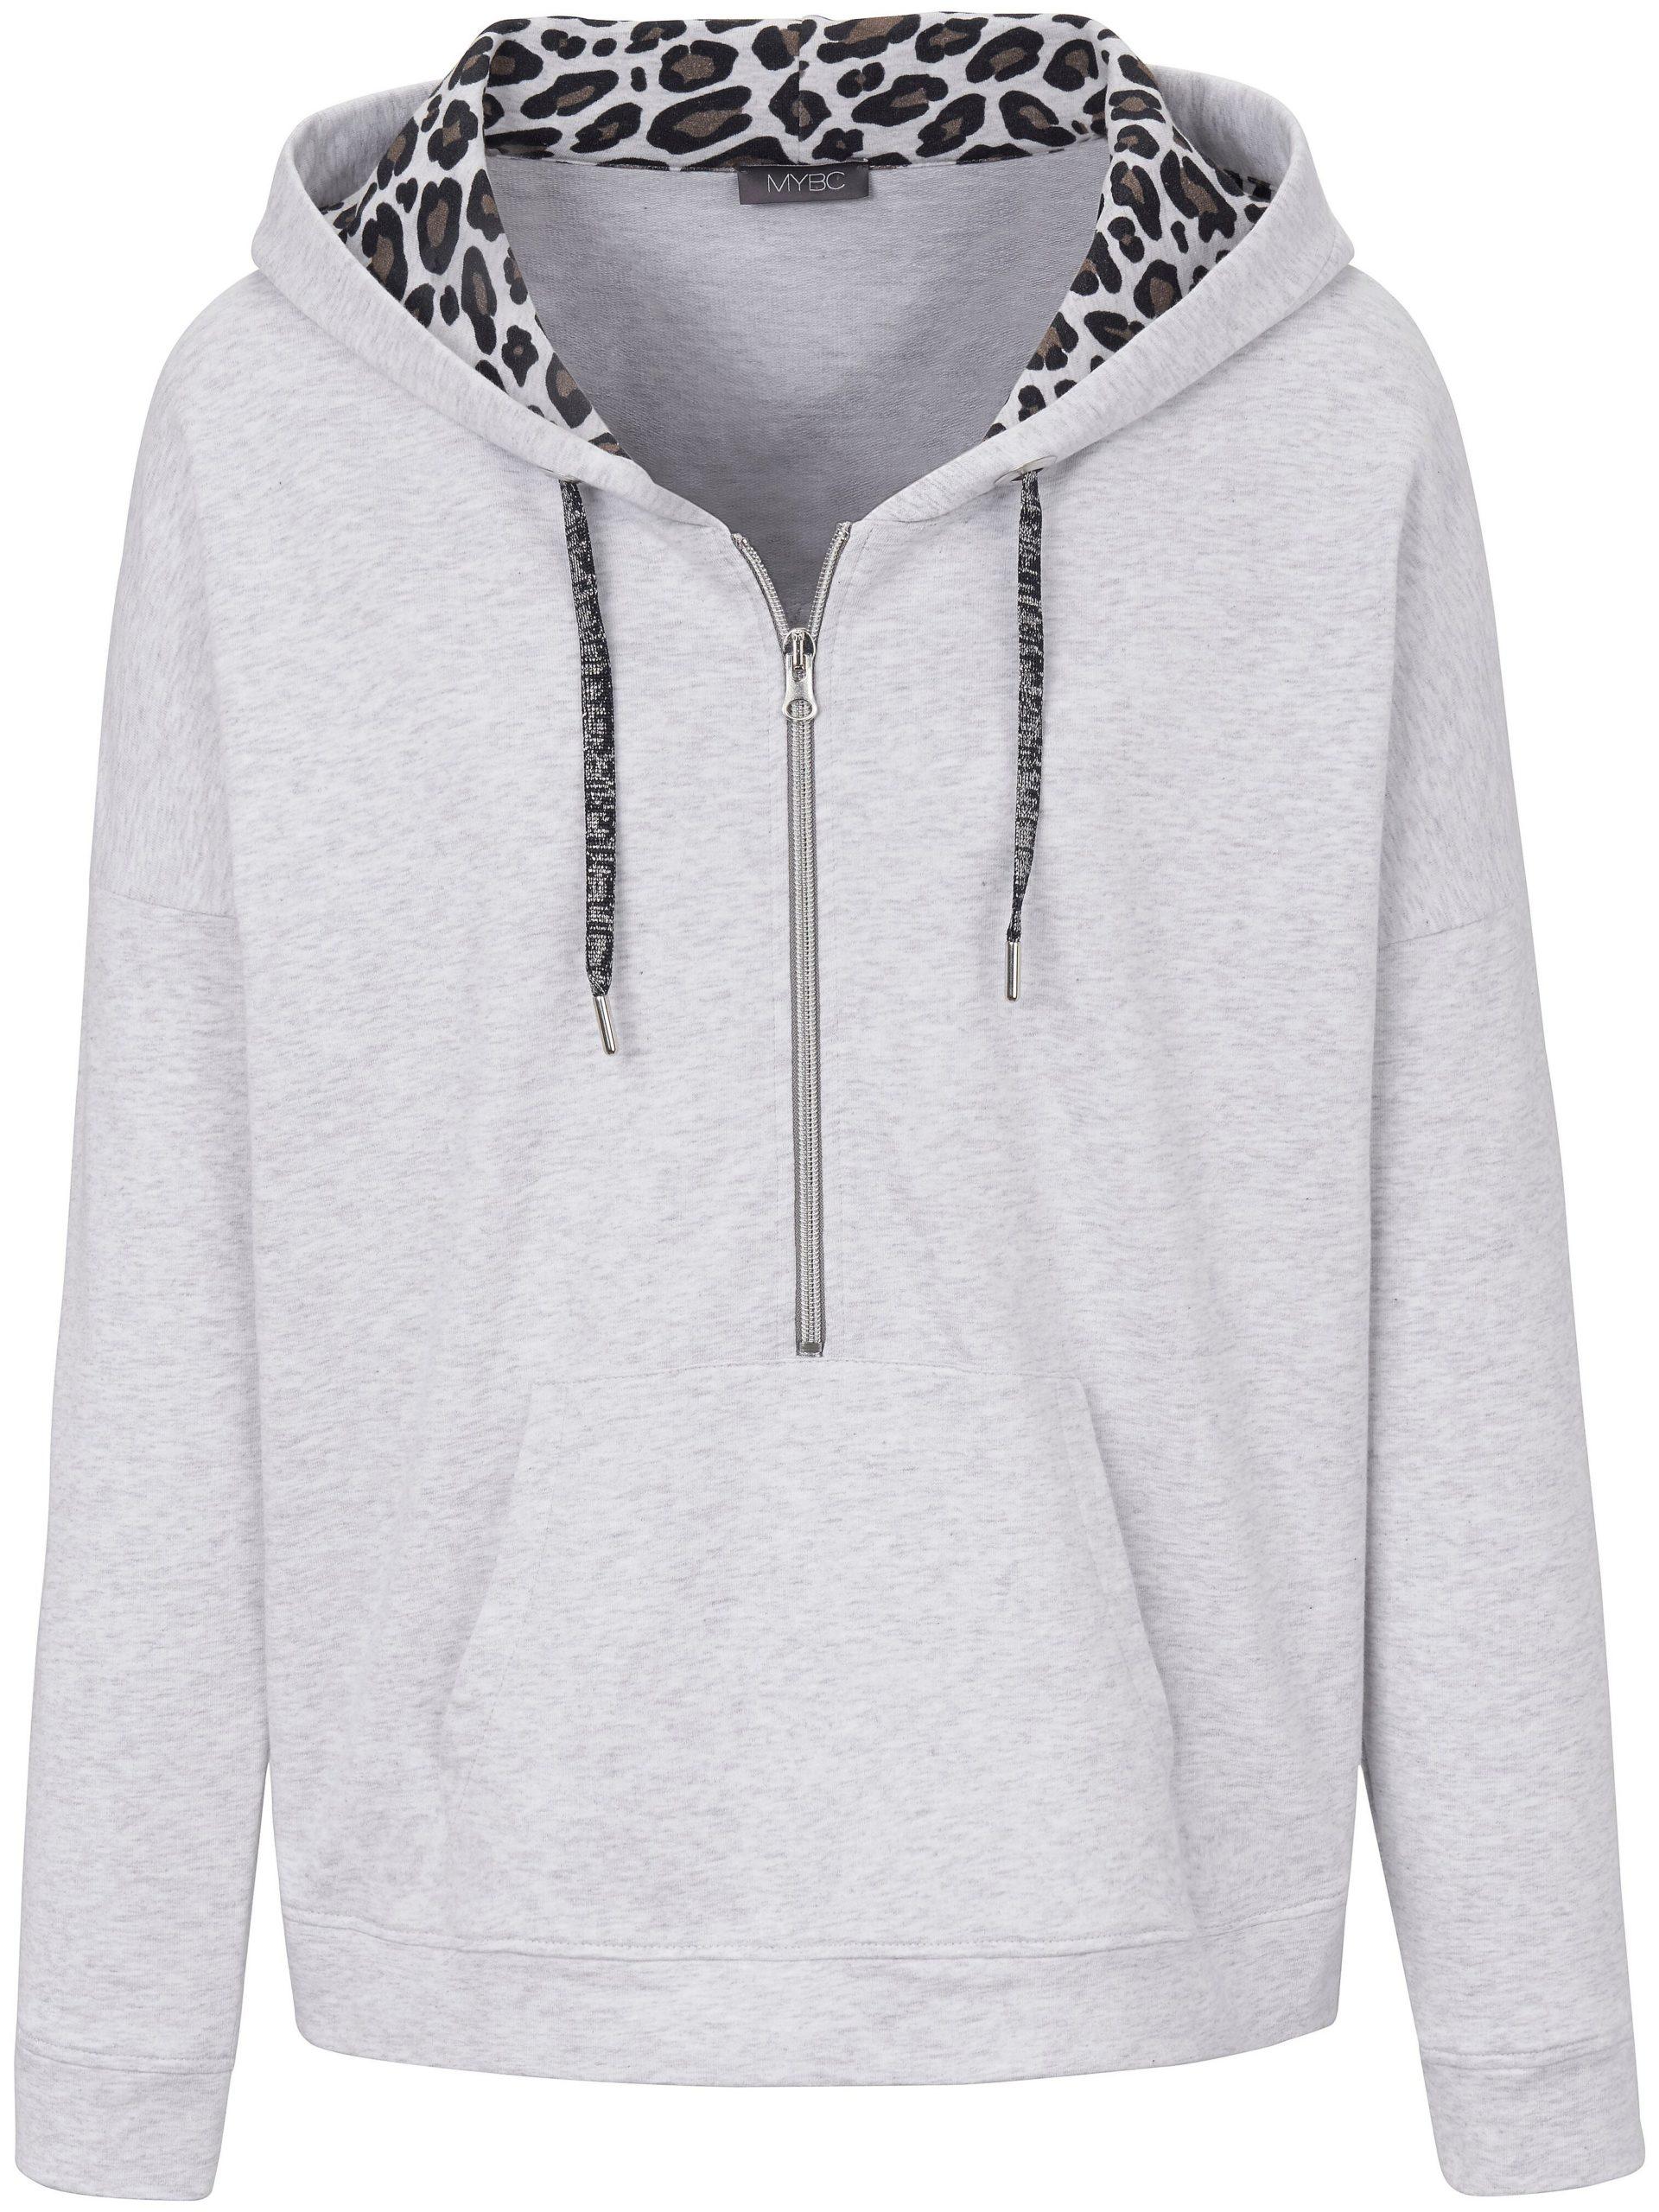 Sweatshirt Van MYBC grijs Kopen